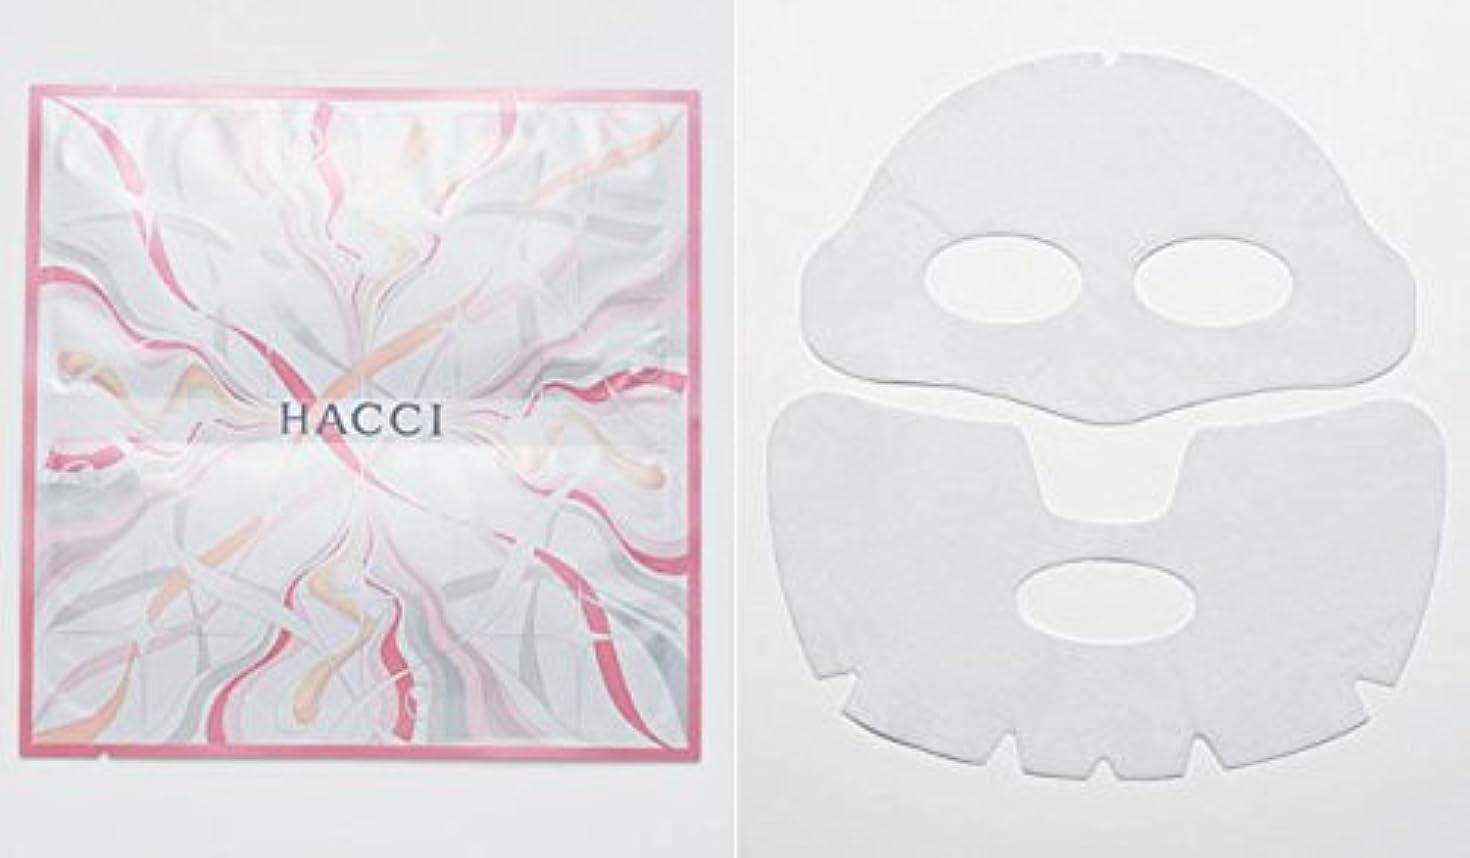 卑しいエッセンス甘やかすHACCI ハッチ シートマスク 3枚セット  【HACCI ショップバッグ付】